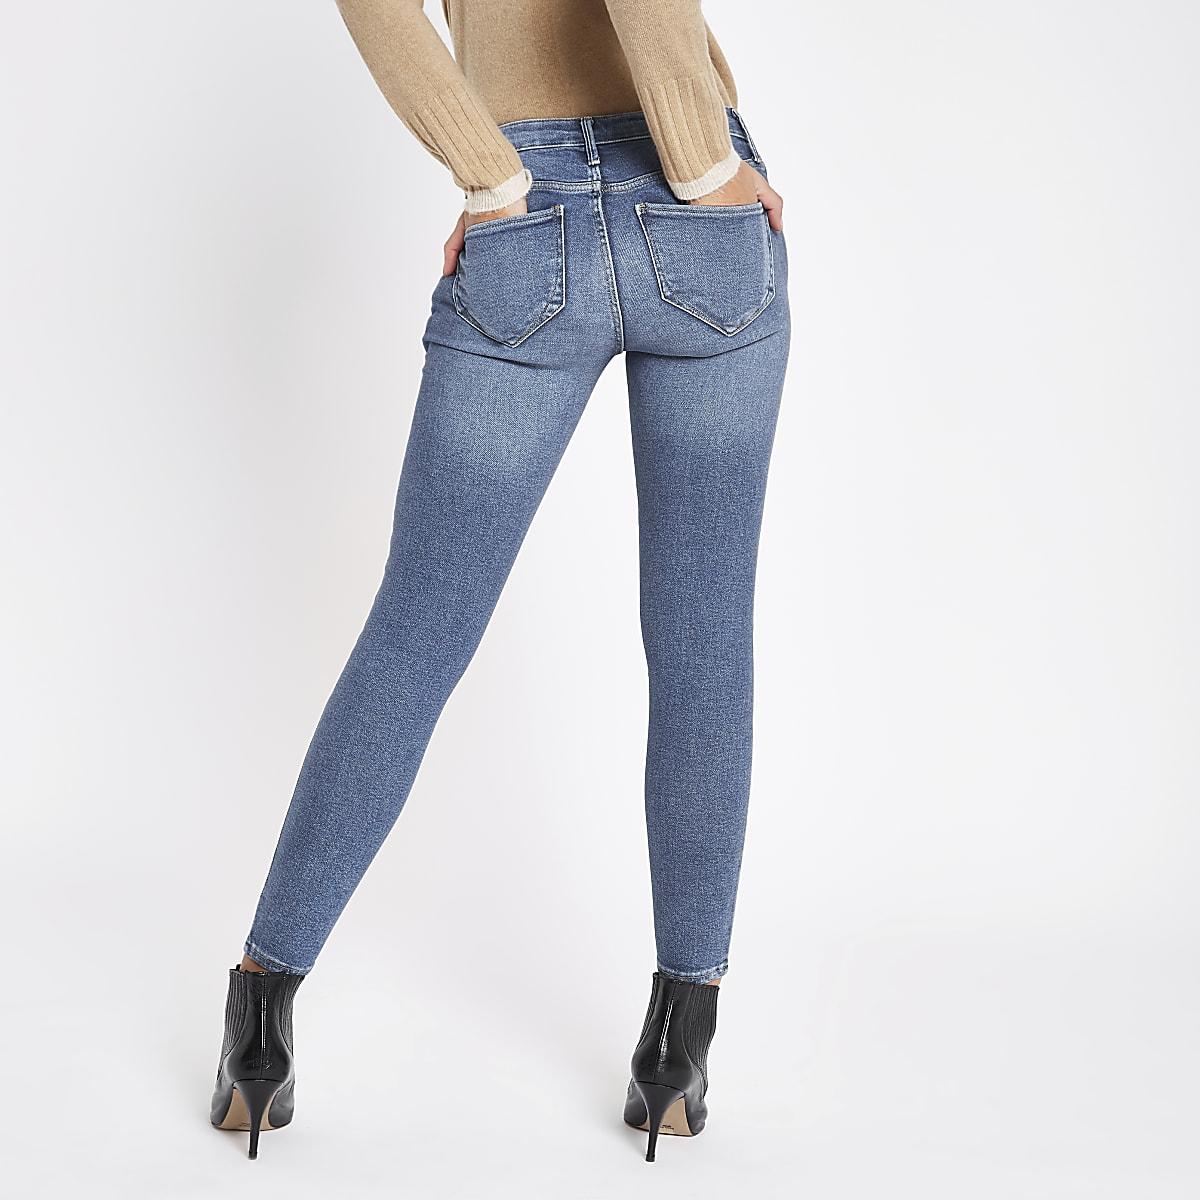 eca47eb290bc7 Dark blue denim Molly mid rise jeggings - Jeggings - Jeans - women